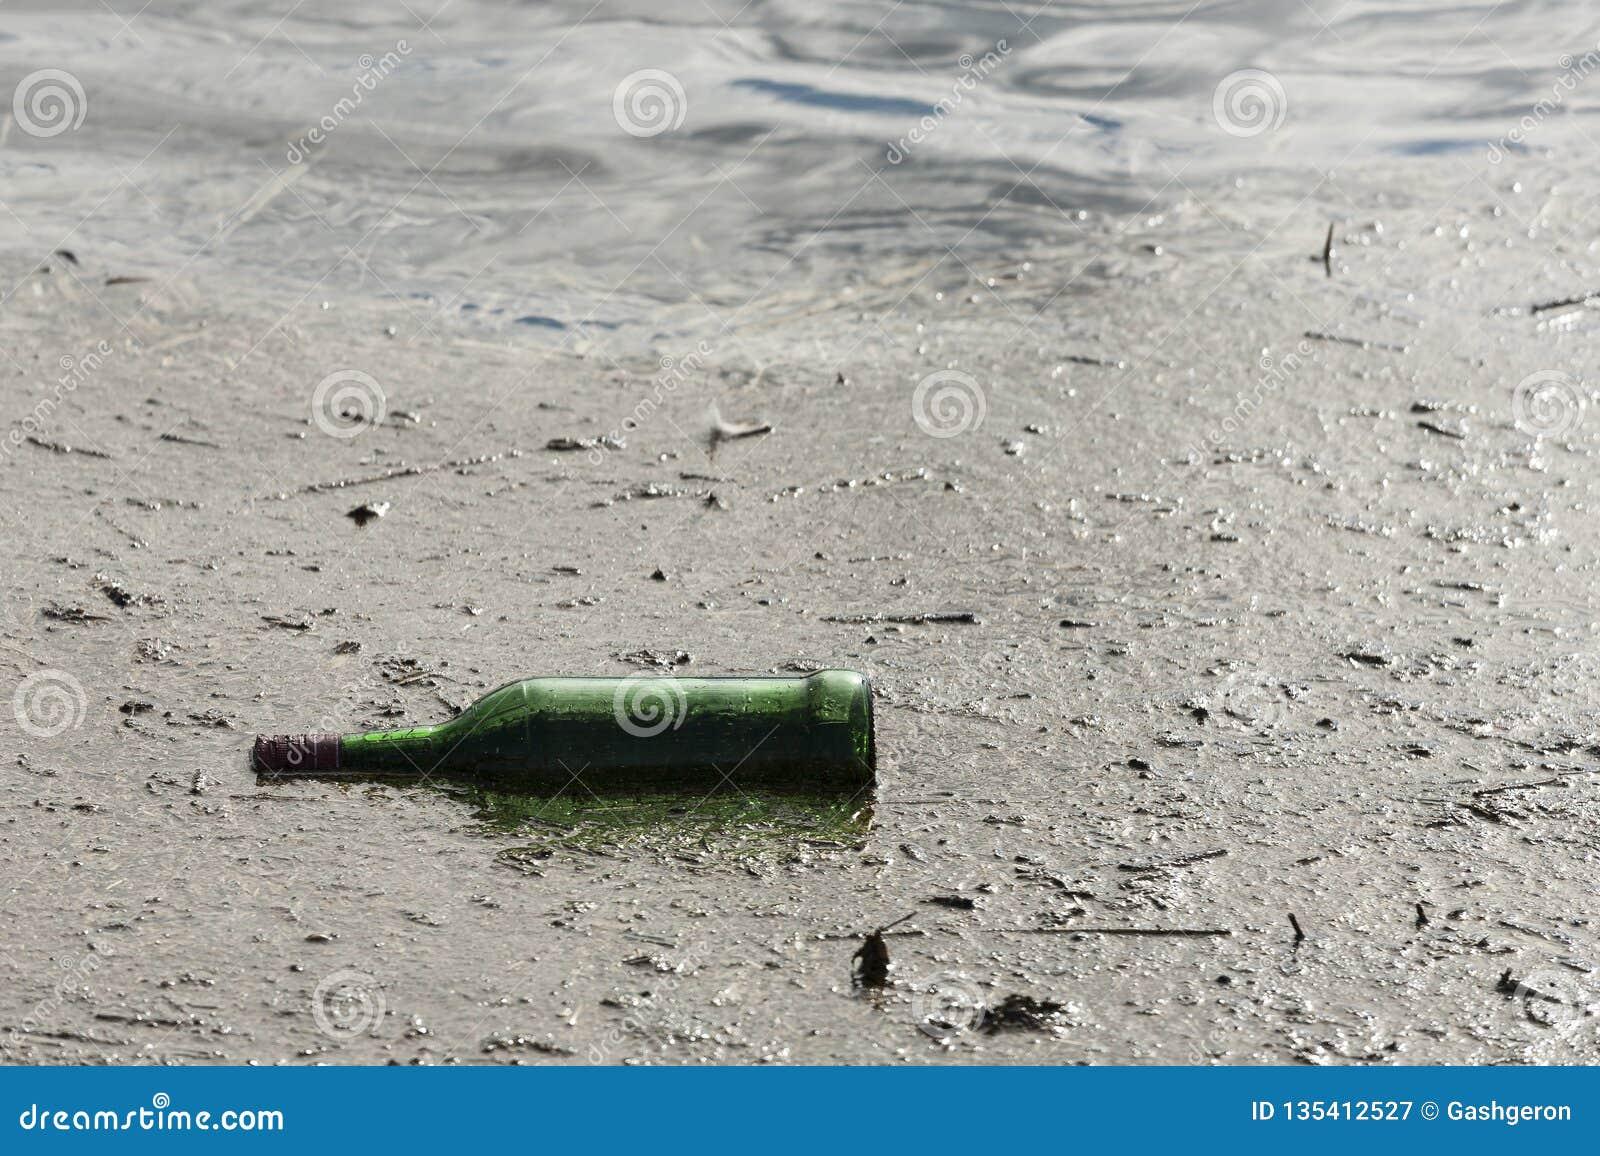 Grön flaska i ett damm, en förorening och skräpa ner Förkylning tonar